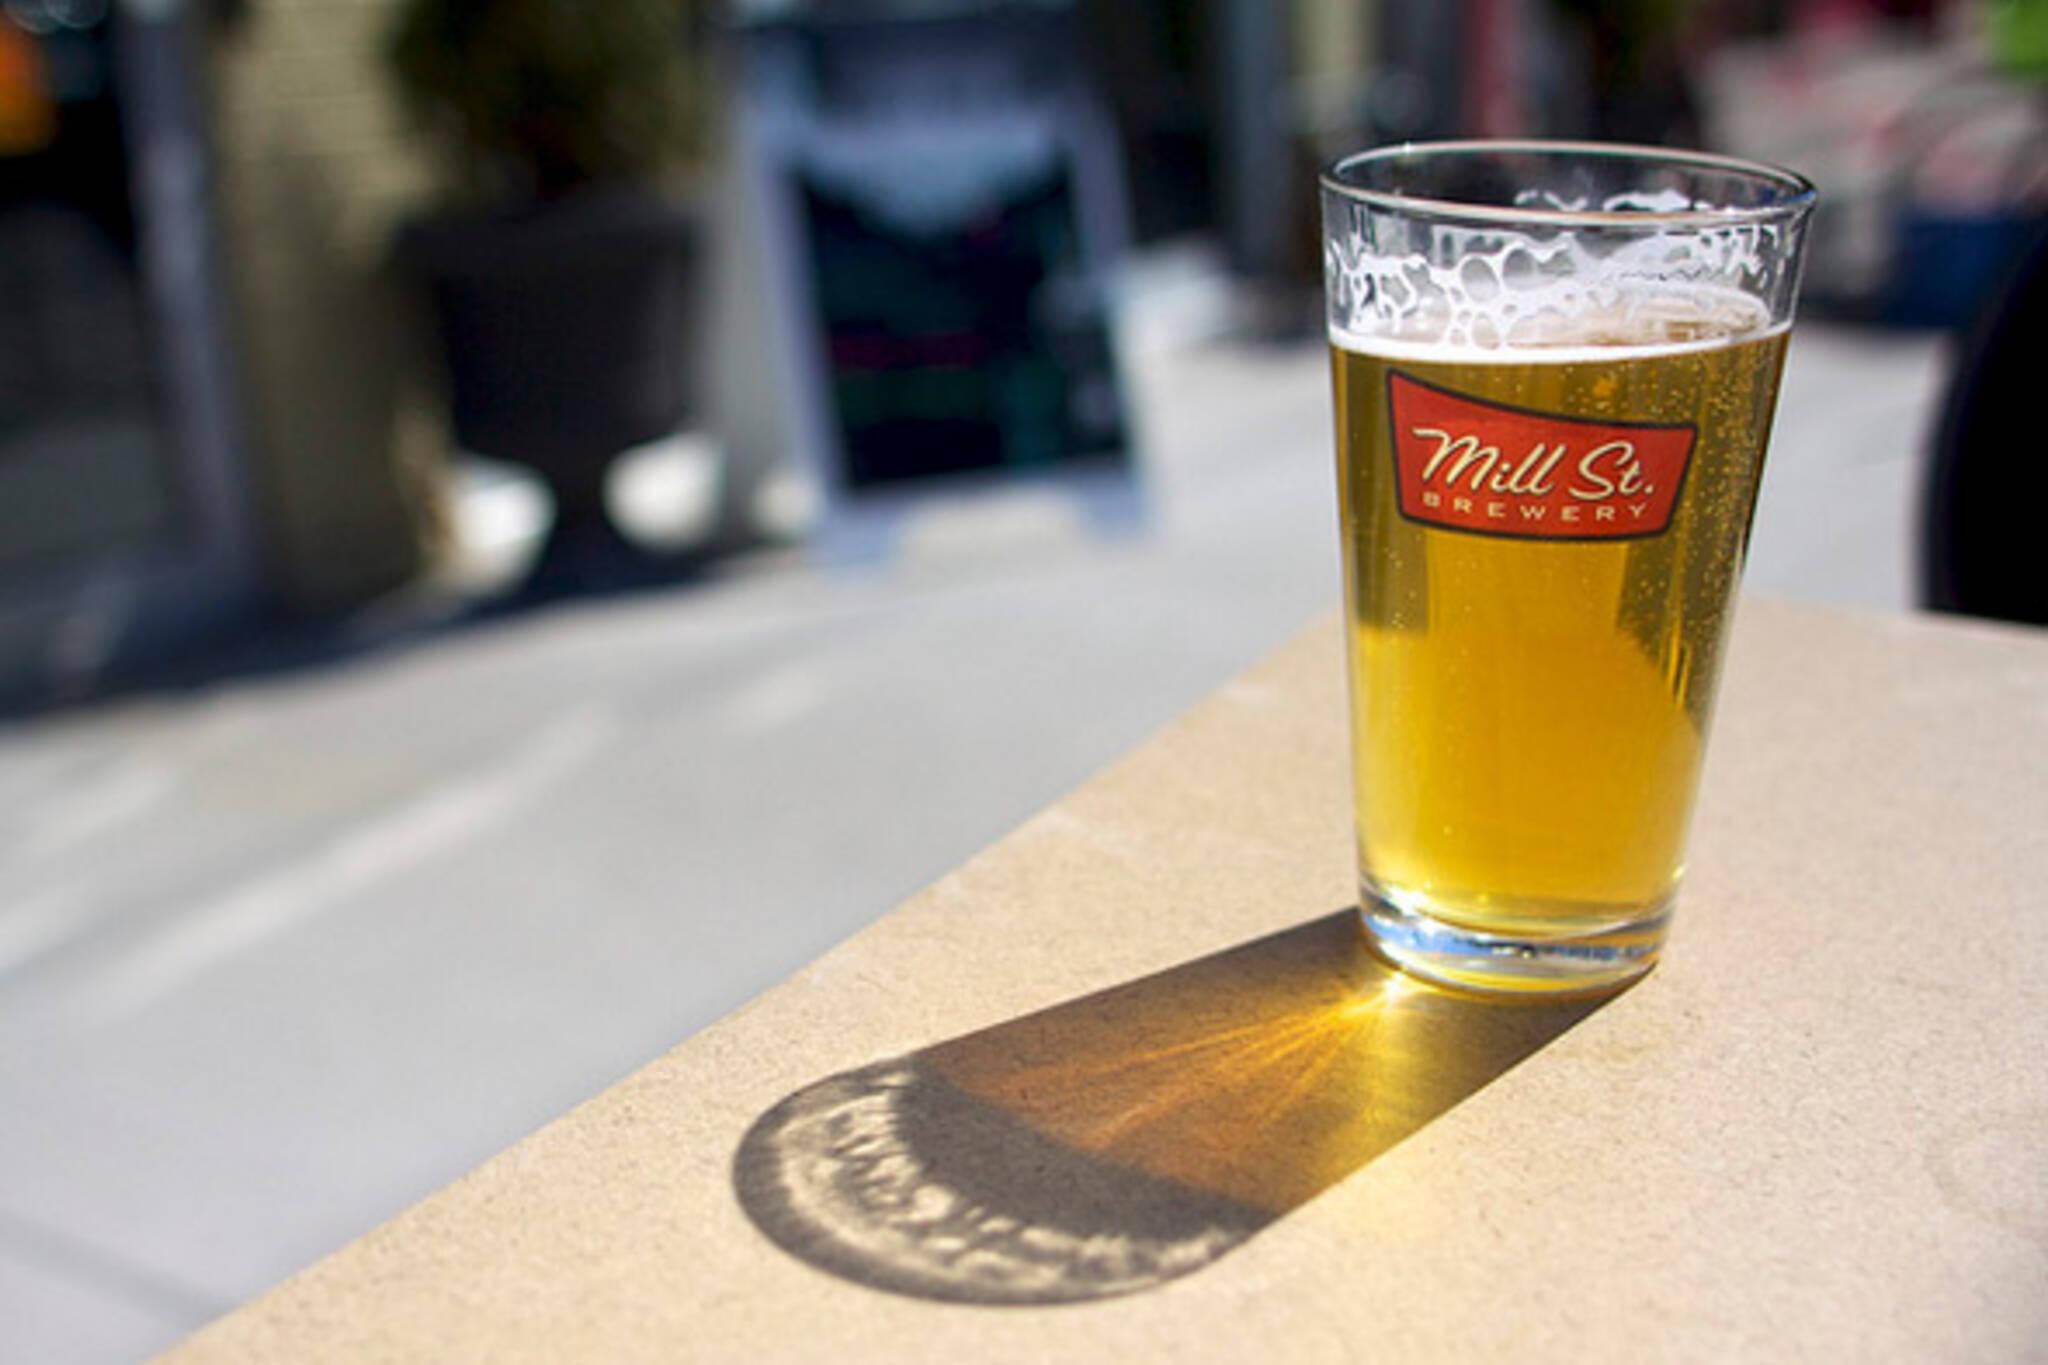 20150708-beer-toronto.jpg